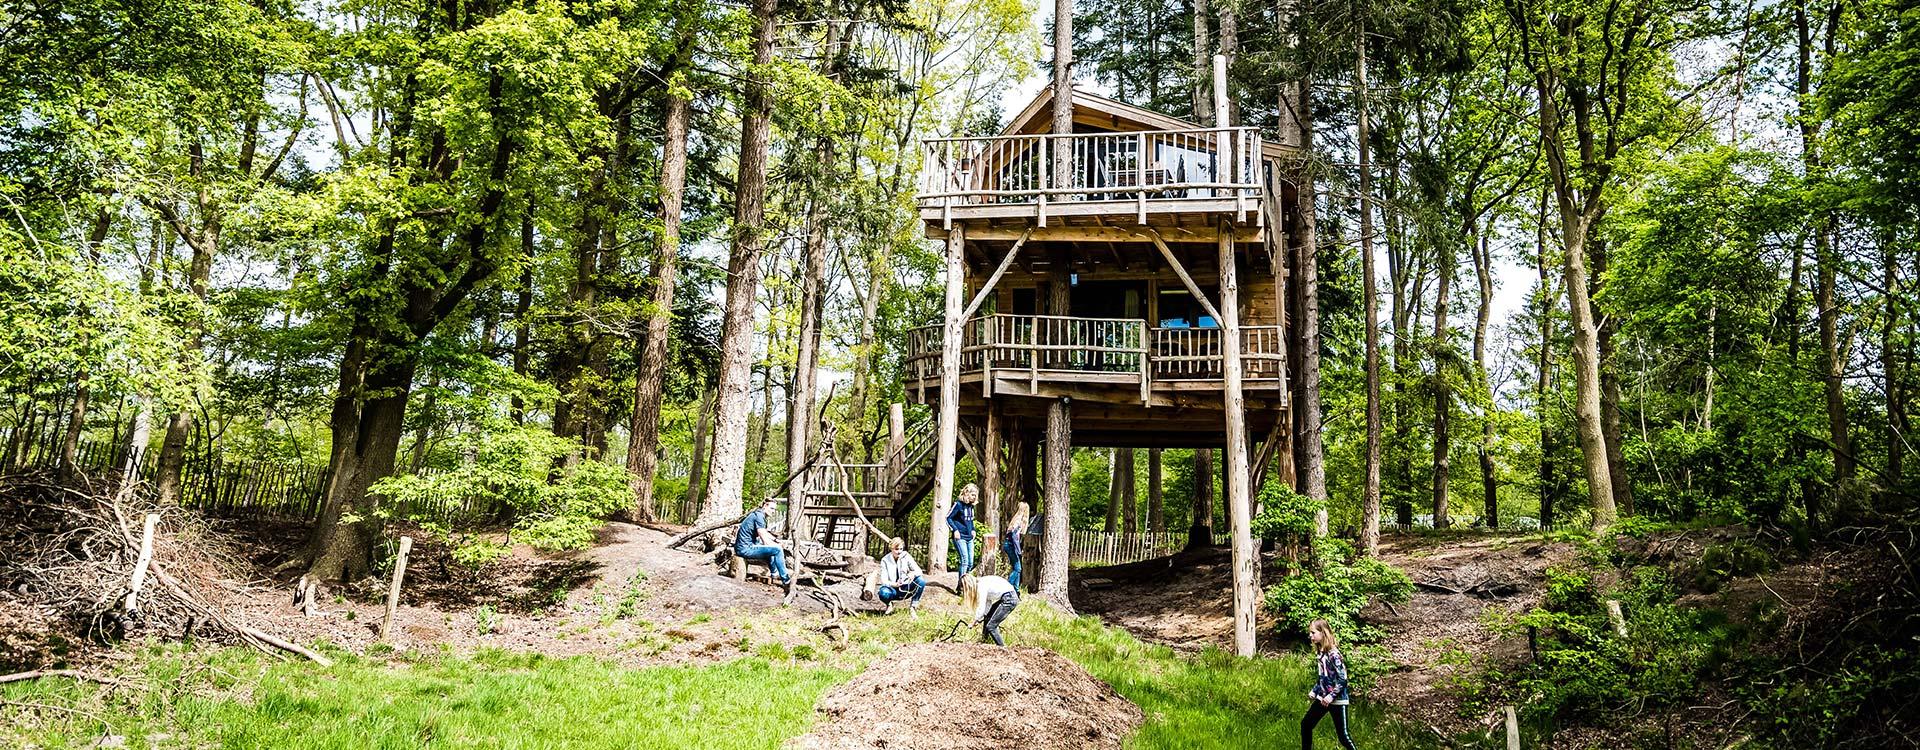 unieke-treehouse-en-boomhut-xxl-huren-in-drenthe-bij-camping-torentjeshoek